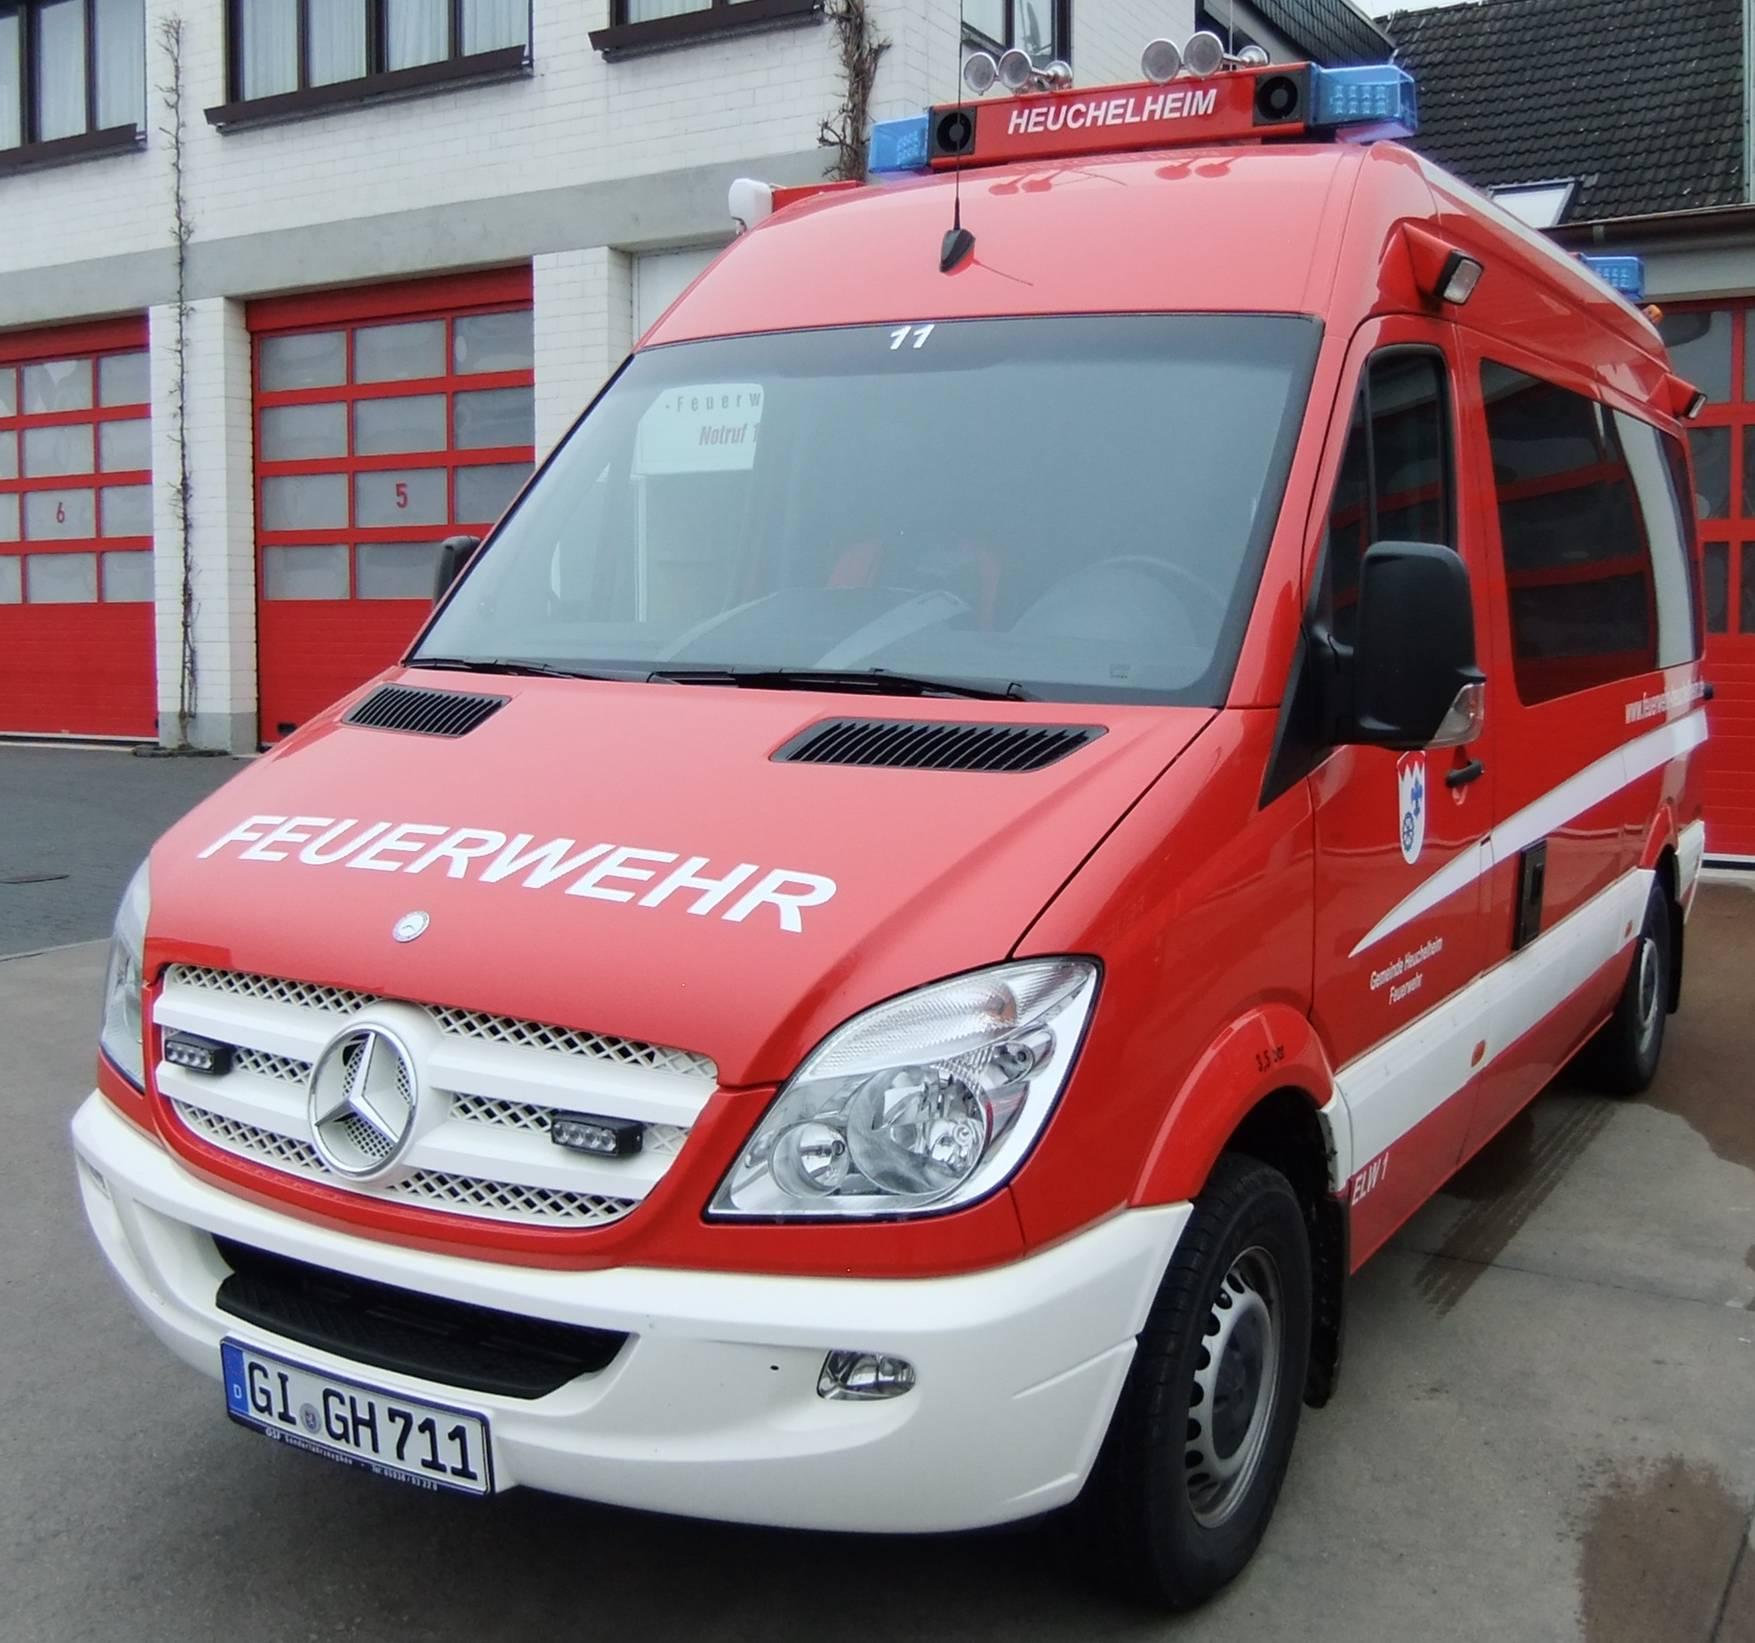 Heuchelheim 11